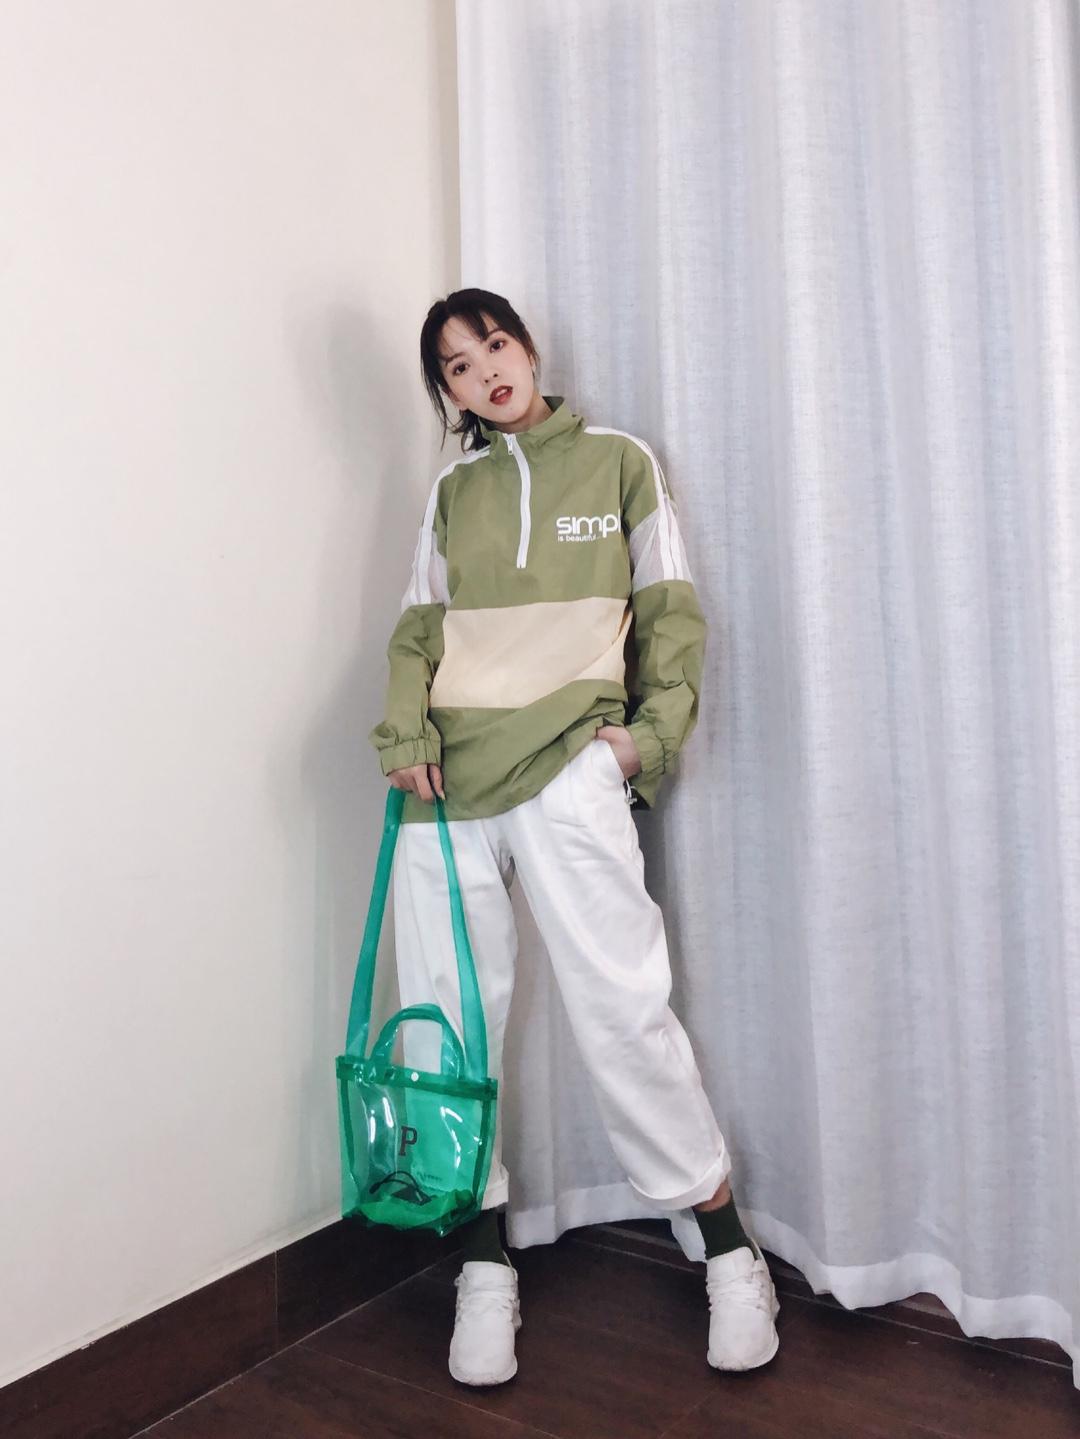 CC穿搭 #秋装上新穿搭打卡# 十分好看的运动风穿搭,阳光女孩必备~入秋来一件轻薄的运动风衣,透气的面料,袖子位置有网格做透气,既防晒又好看,芥末绿和白色的搭配,清新脱俗,搭配绿色系的果冻包包,绿色的袜子和百搭小白鞋和整体相呼应,十分具有个性的穿搭,也是遮肉好帮手哟